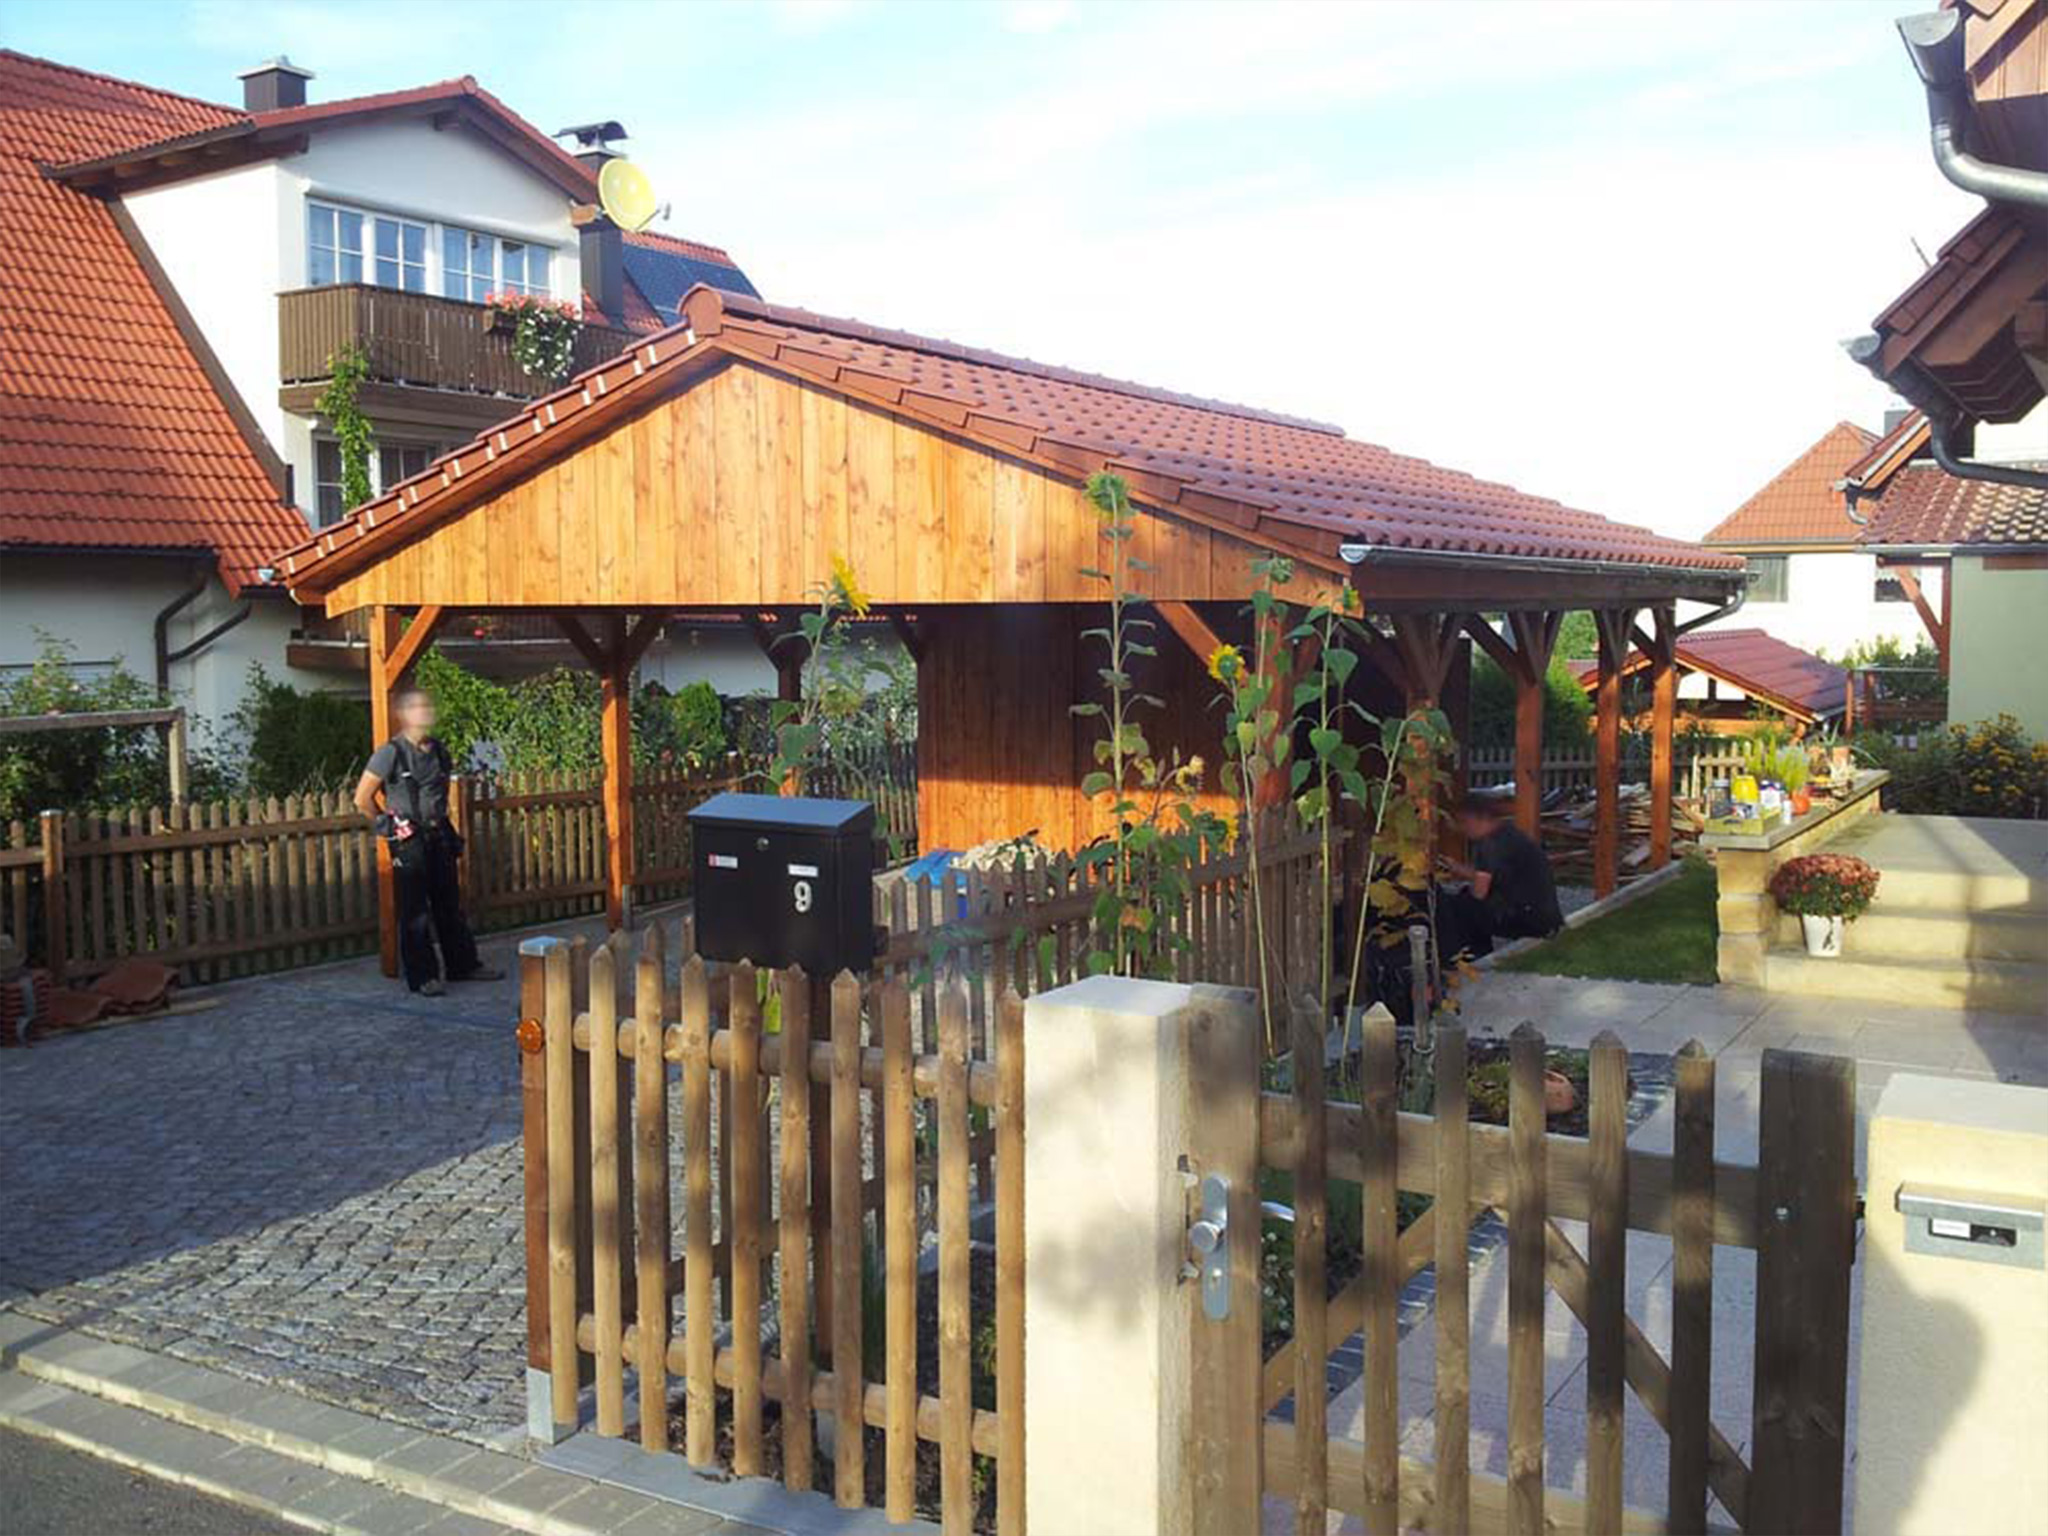 Satteldachcarport mit roten Pfannen und geöltem Holz